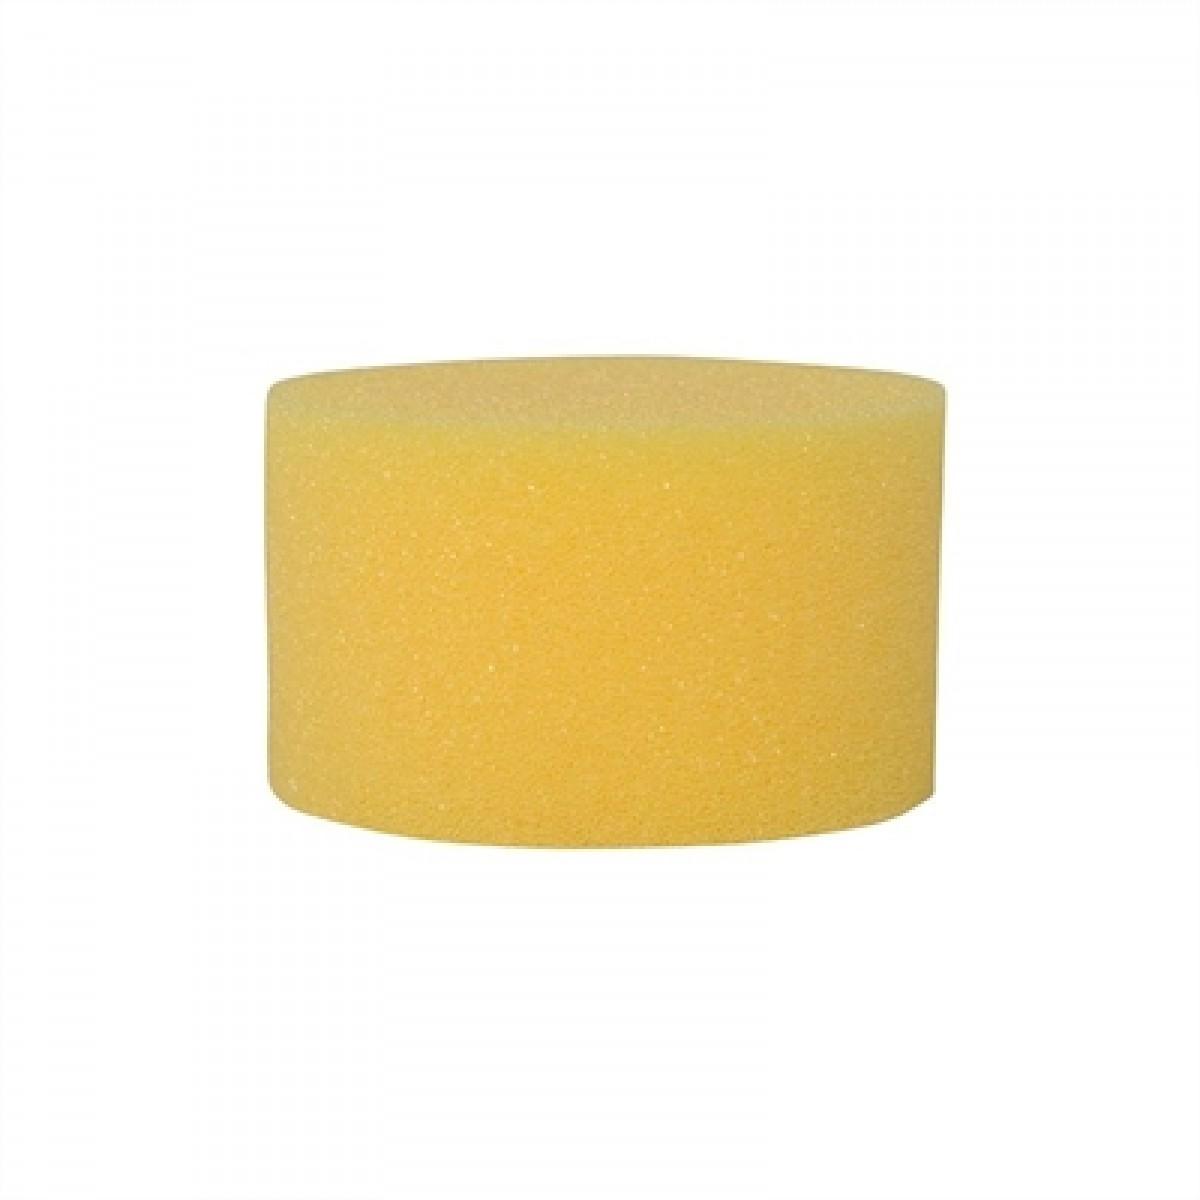 Lille rund gul Svamp